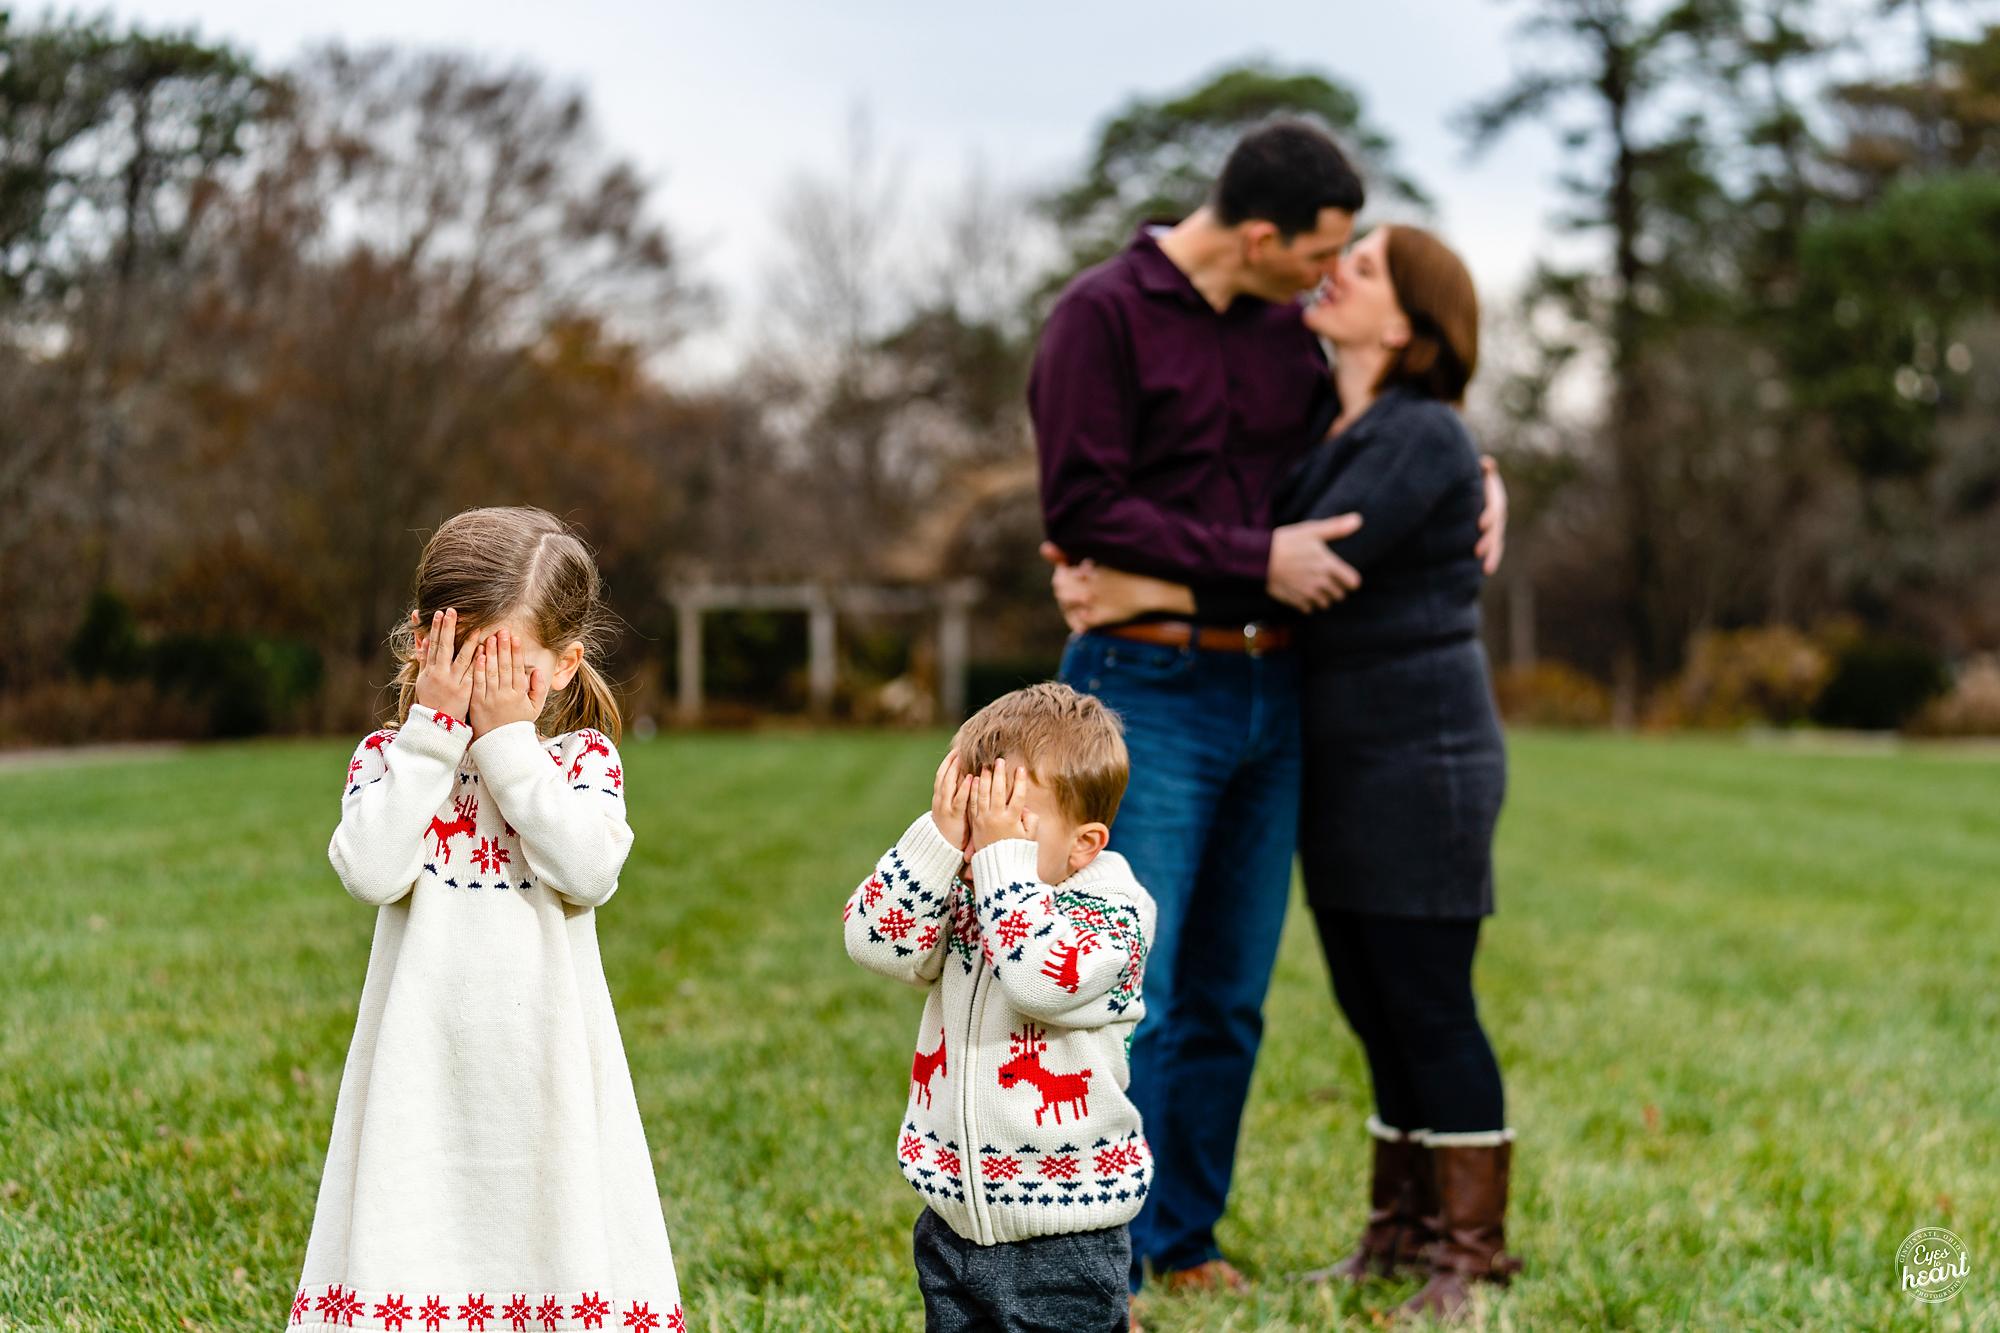 Ault-Park-Family-Photography-5.jpg